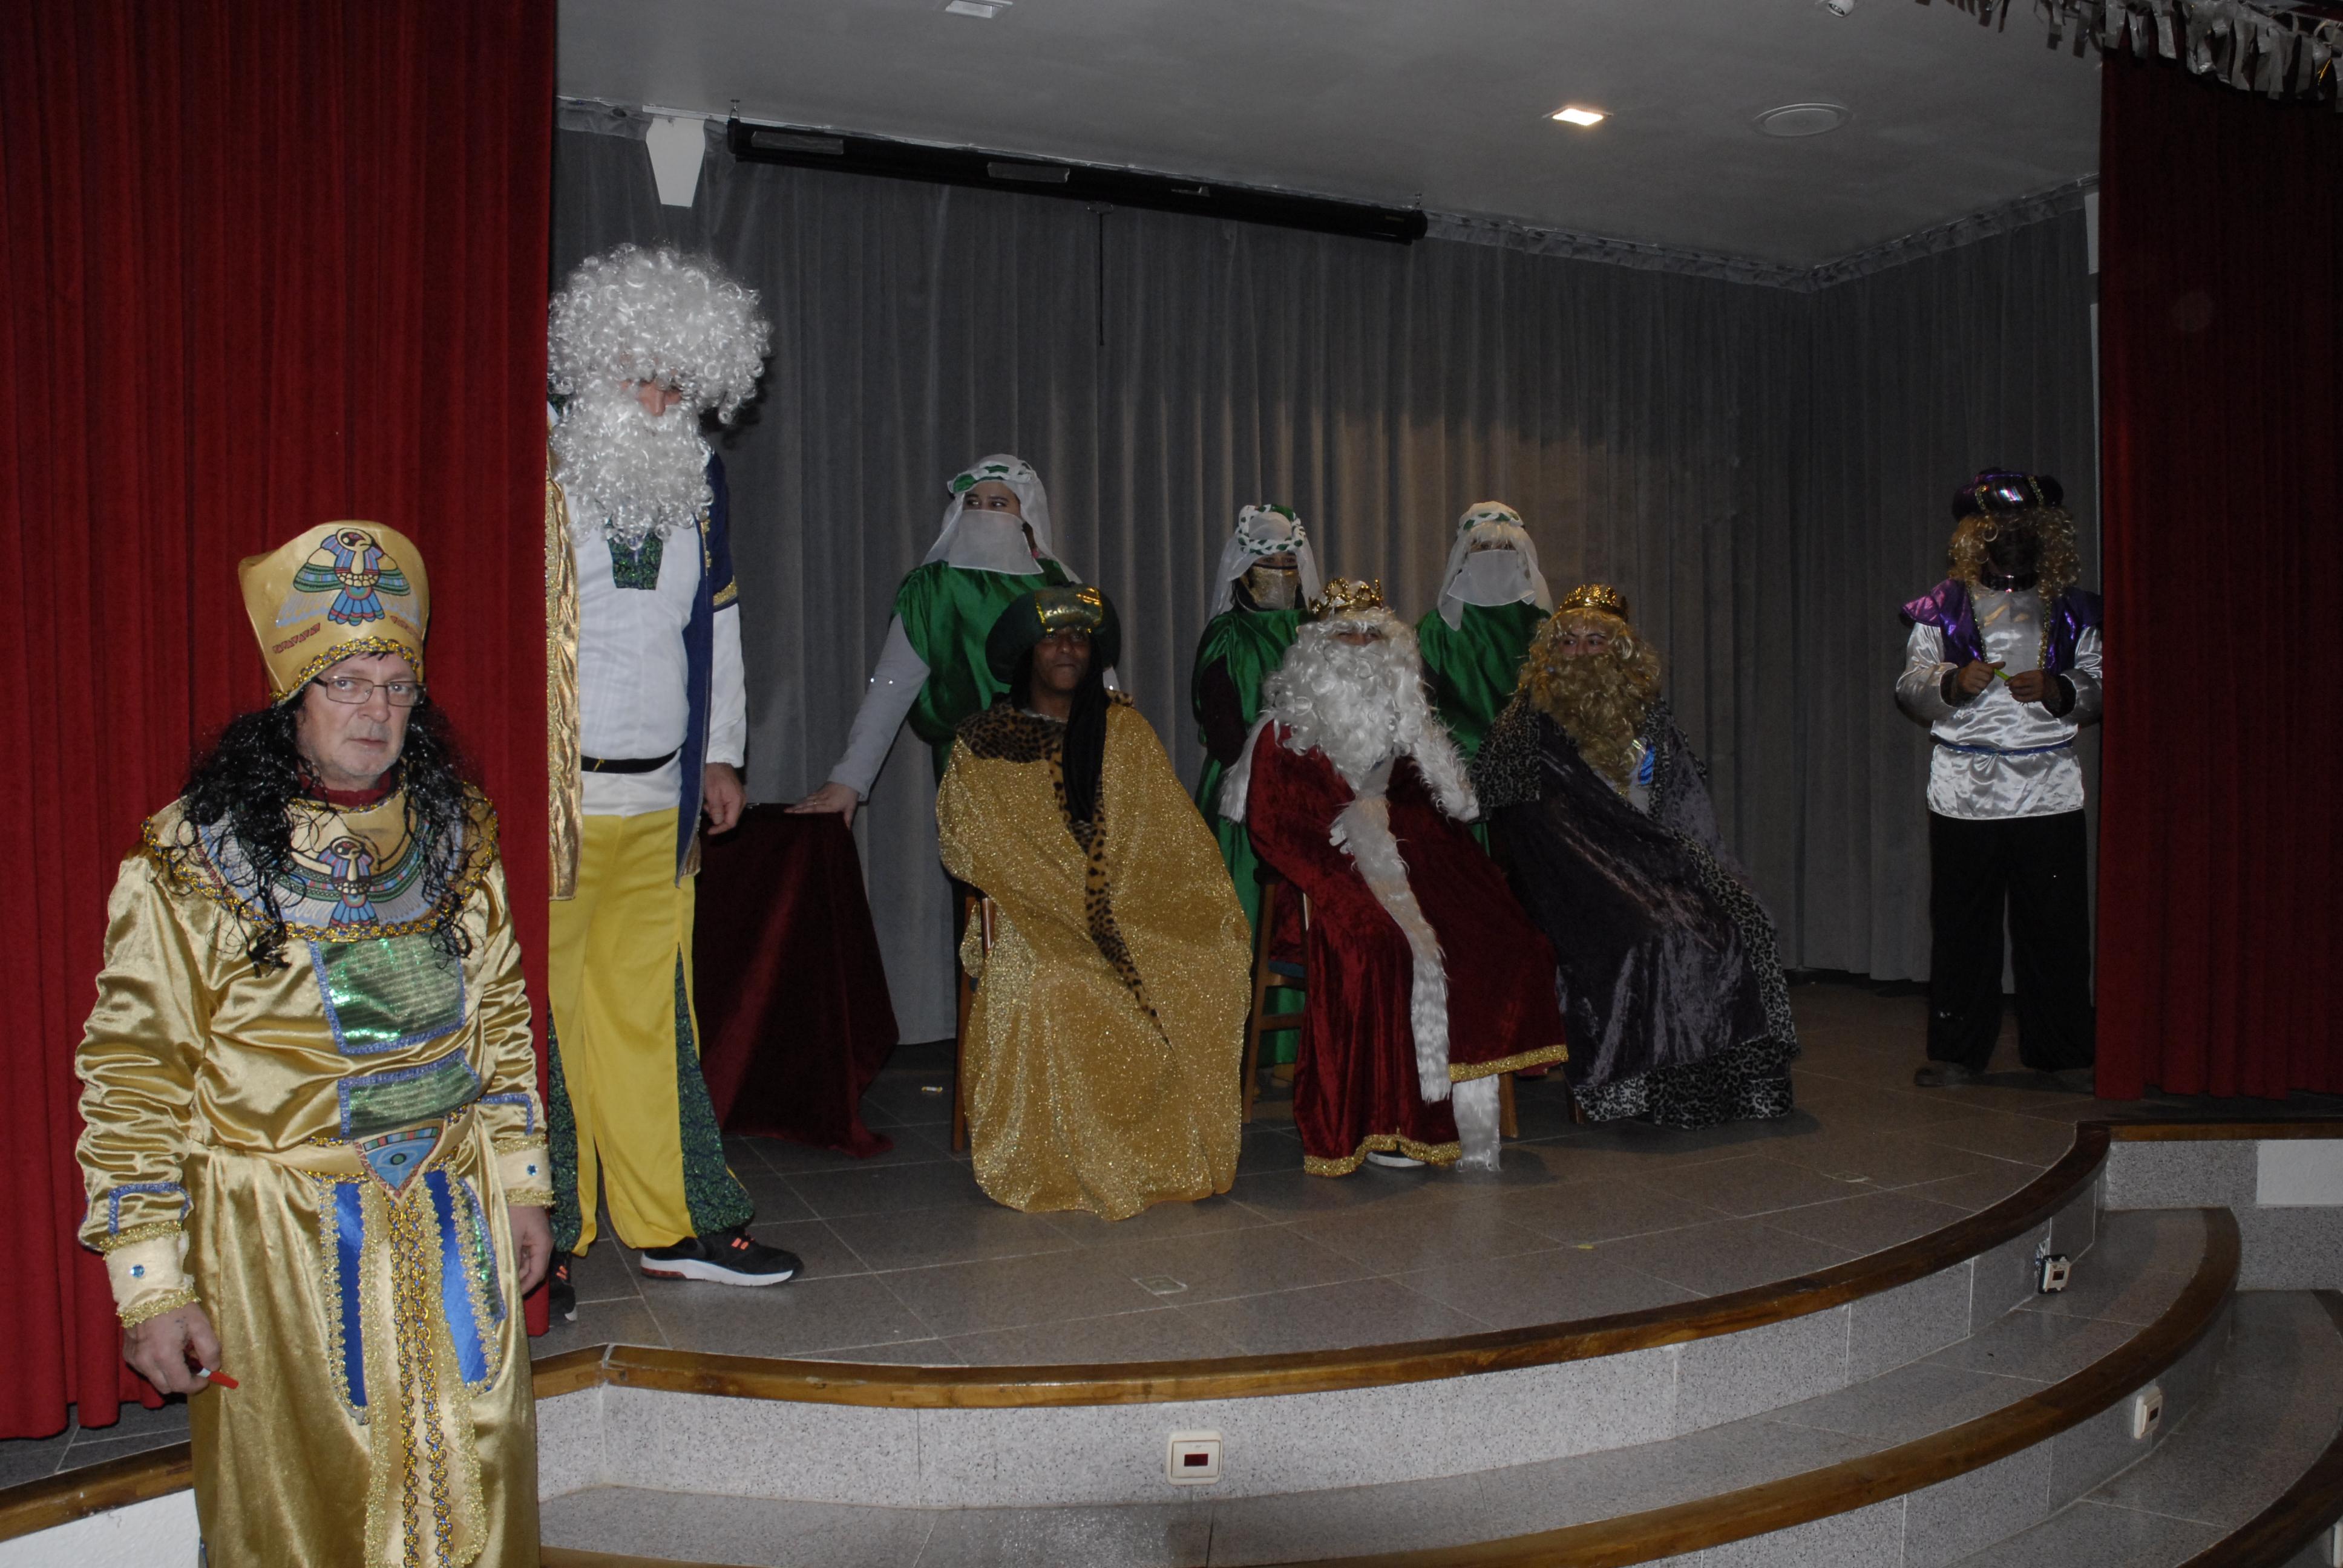 cabalgata-reyes-magos-2017-45